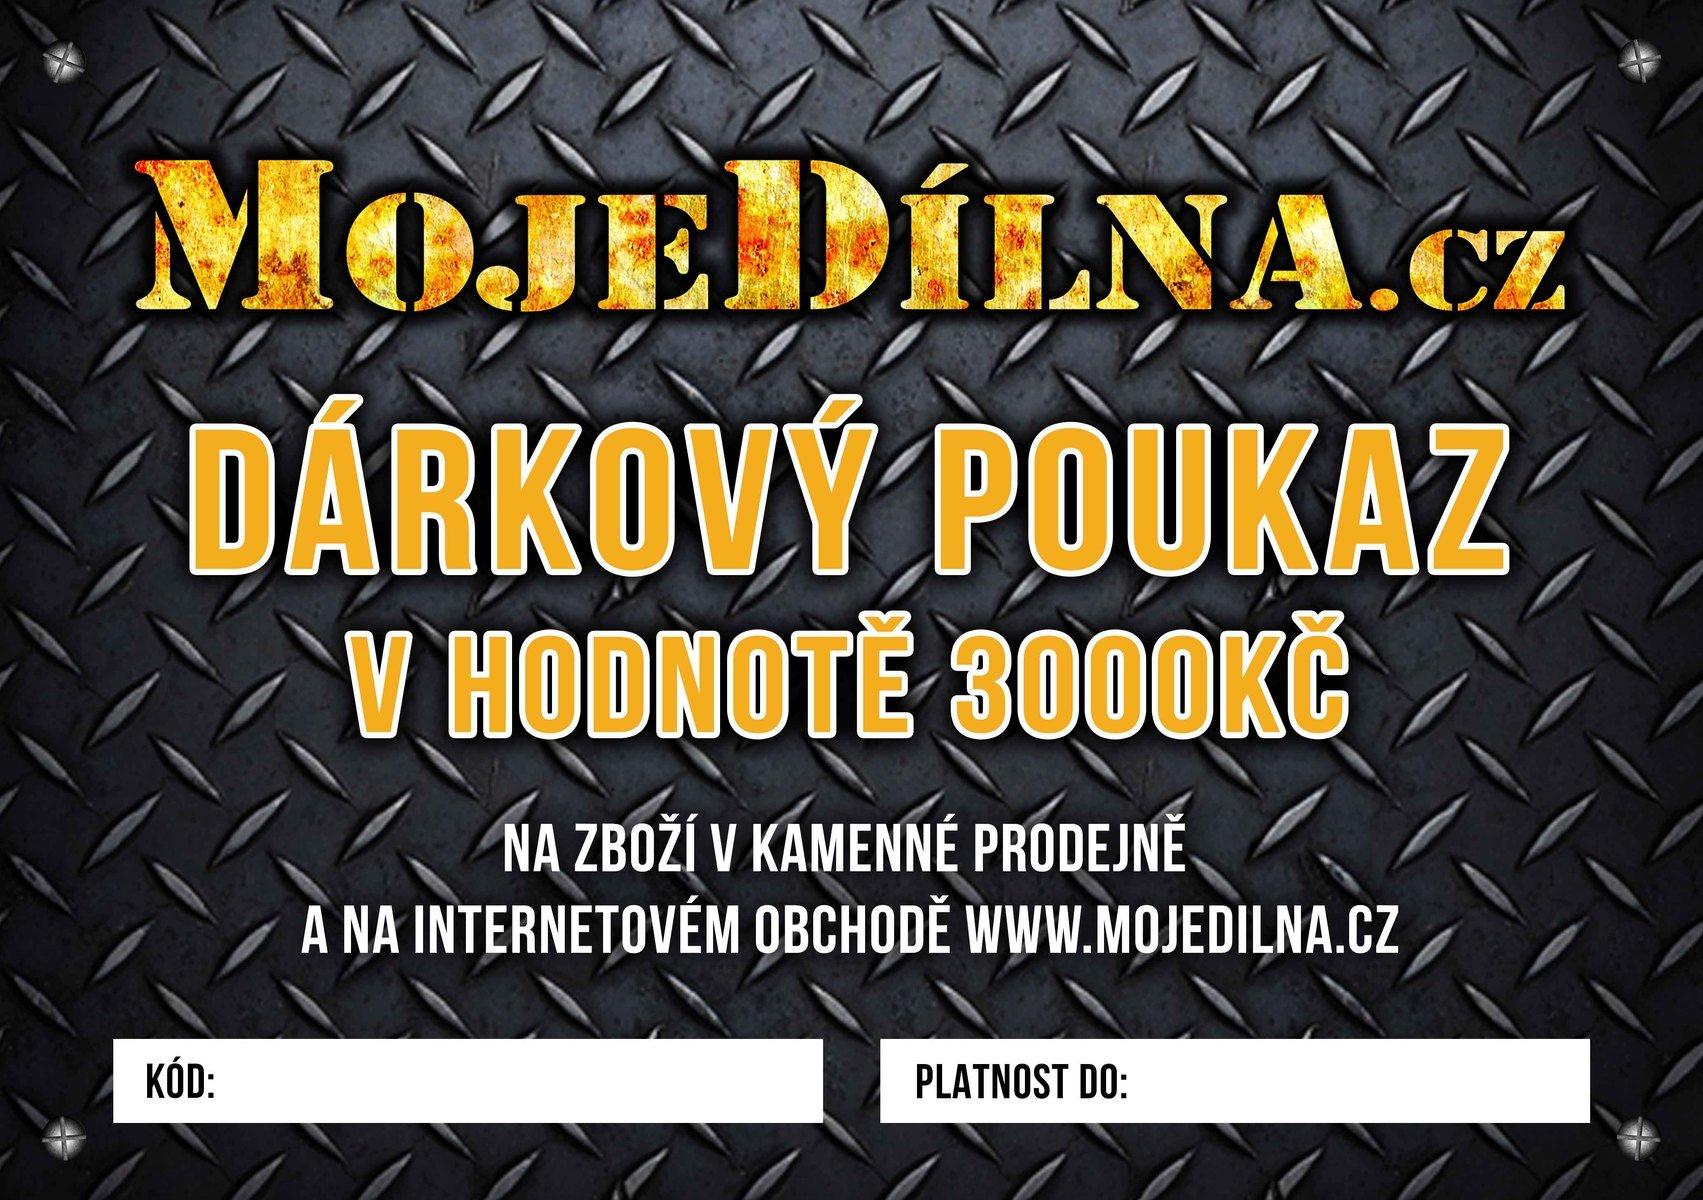 Dárkový poukaz MojeDílna.cz v hodnotě 3000 Kč